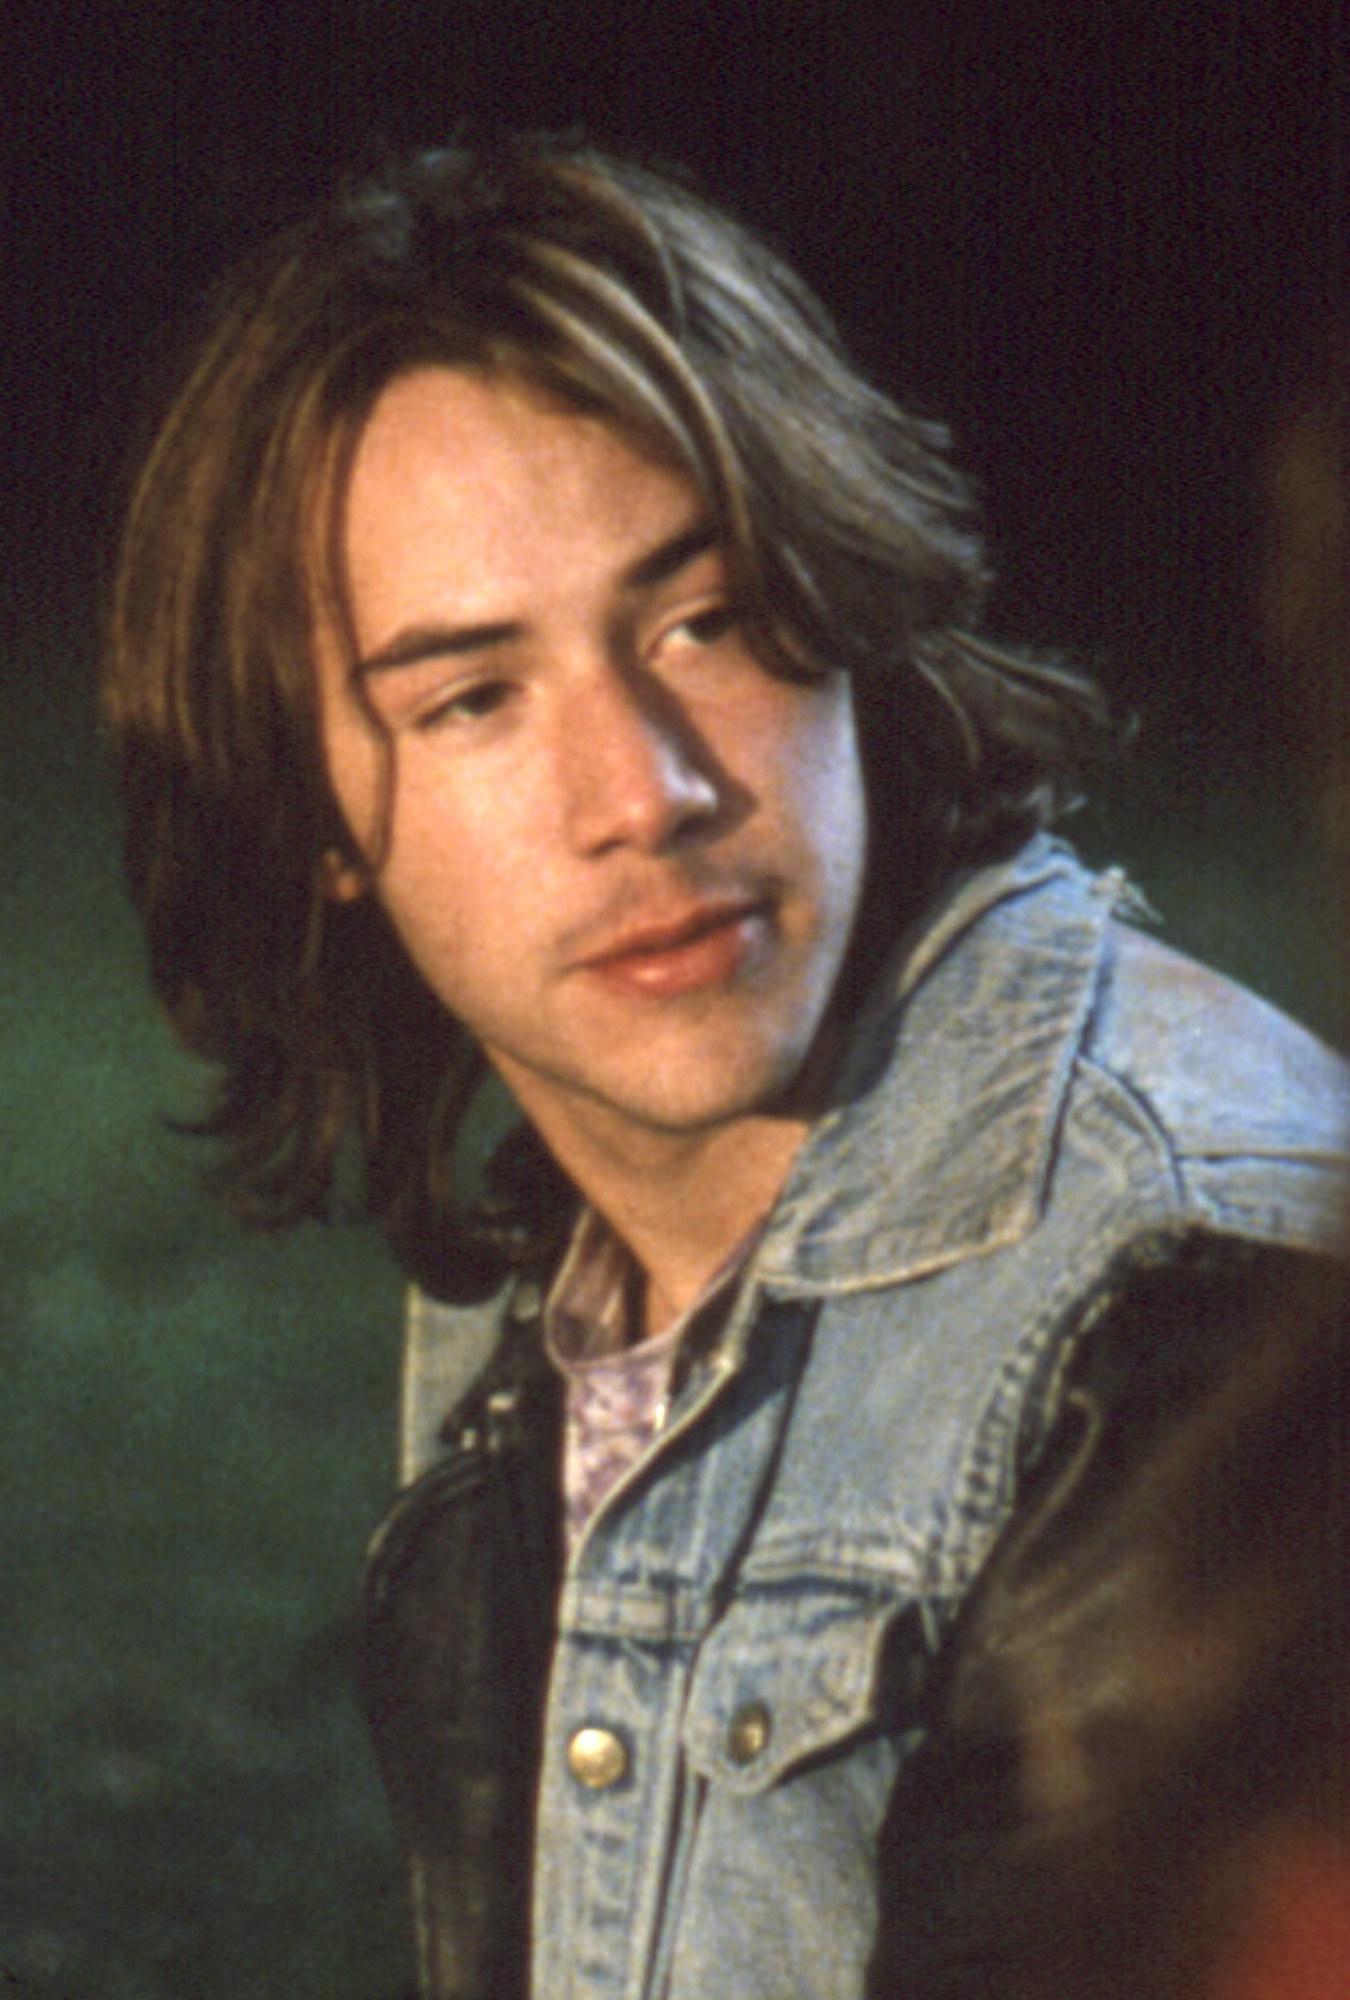 Keanu Reeves wearing a jean/leather jacket, sitting in a field